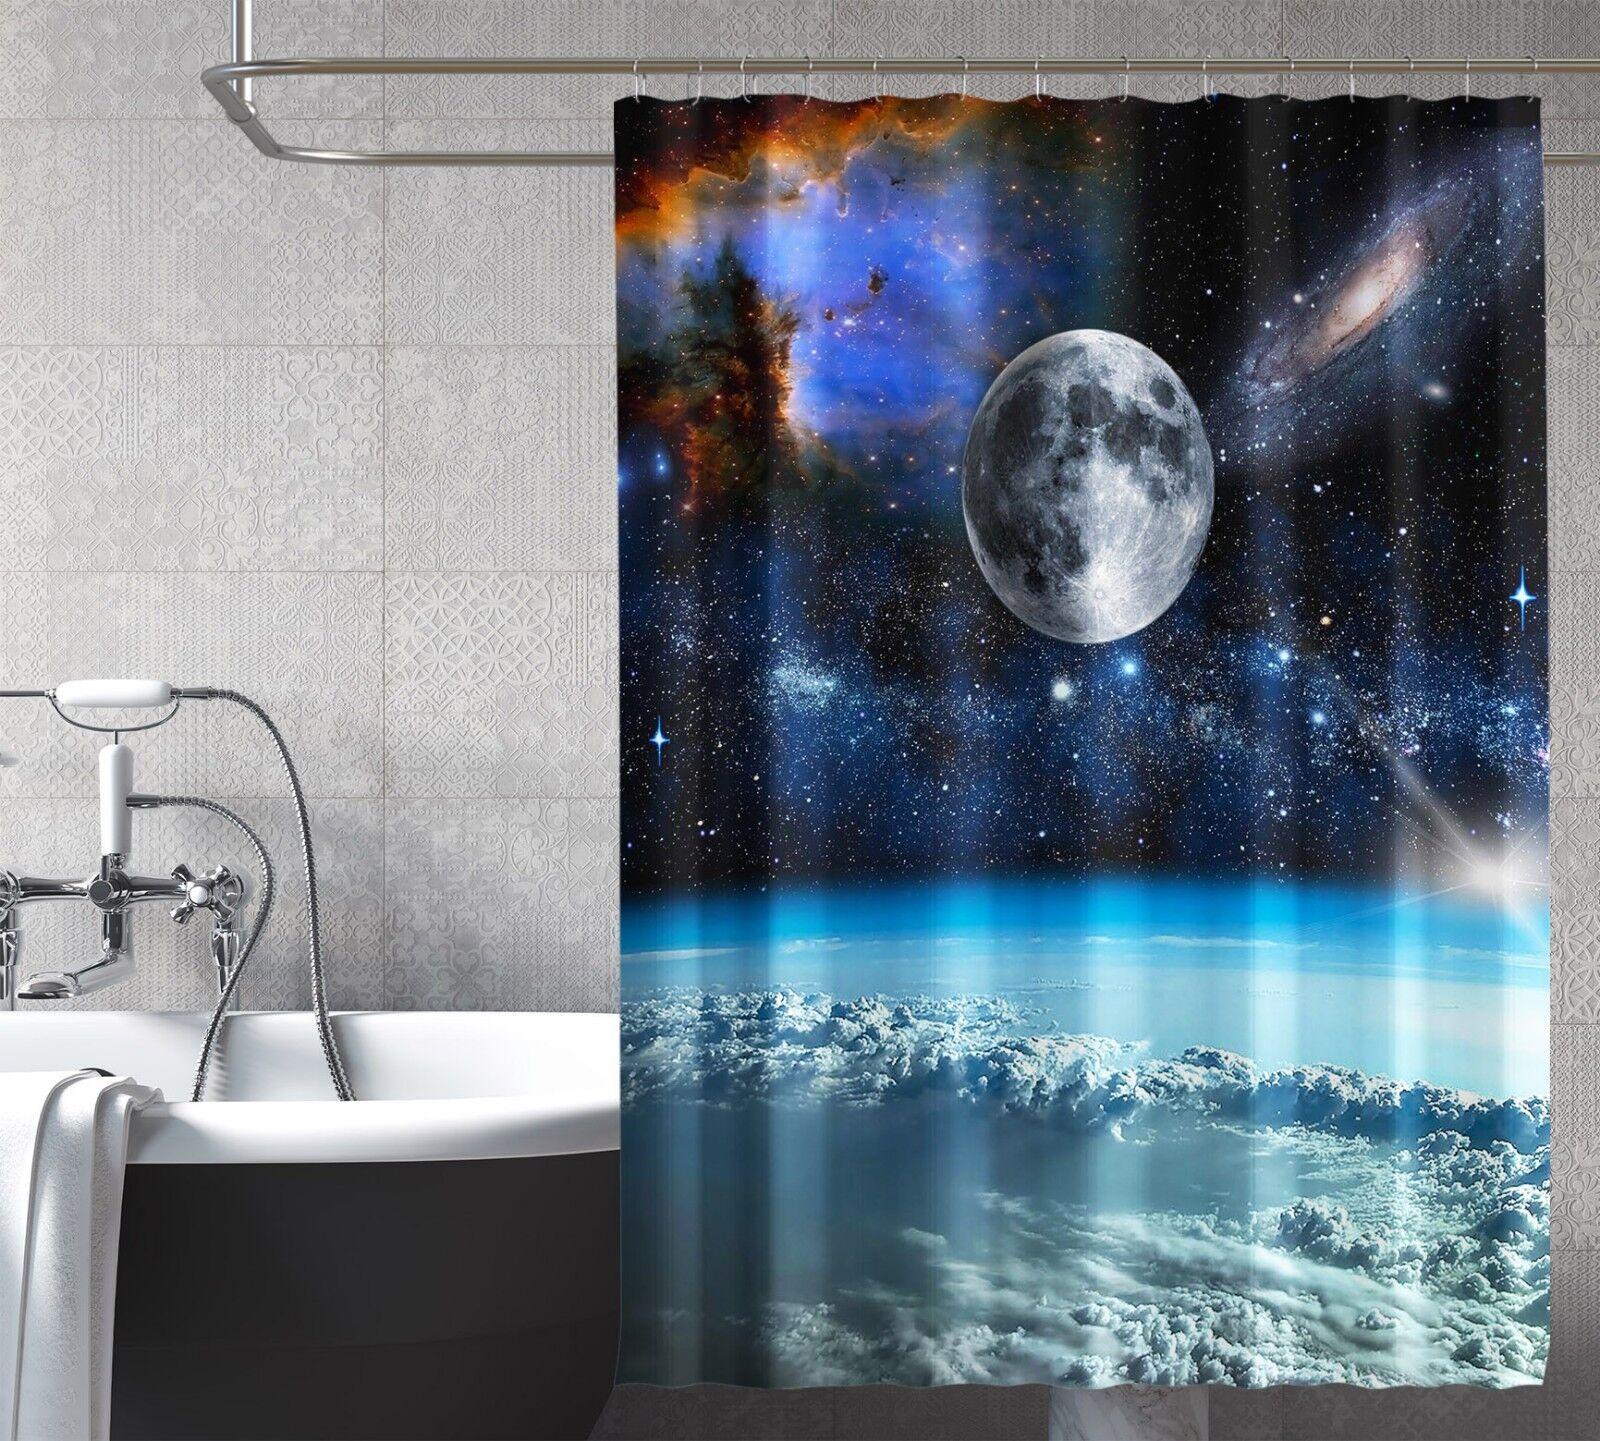 3D Raum Planet 69 Duschvorhang Wasserdicht Faser Bad Daheim Windows Toilette DE